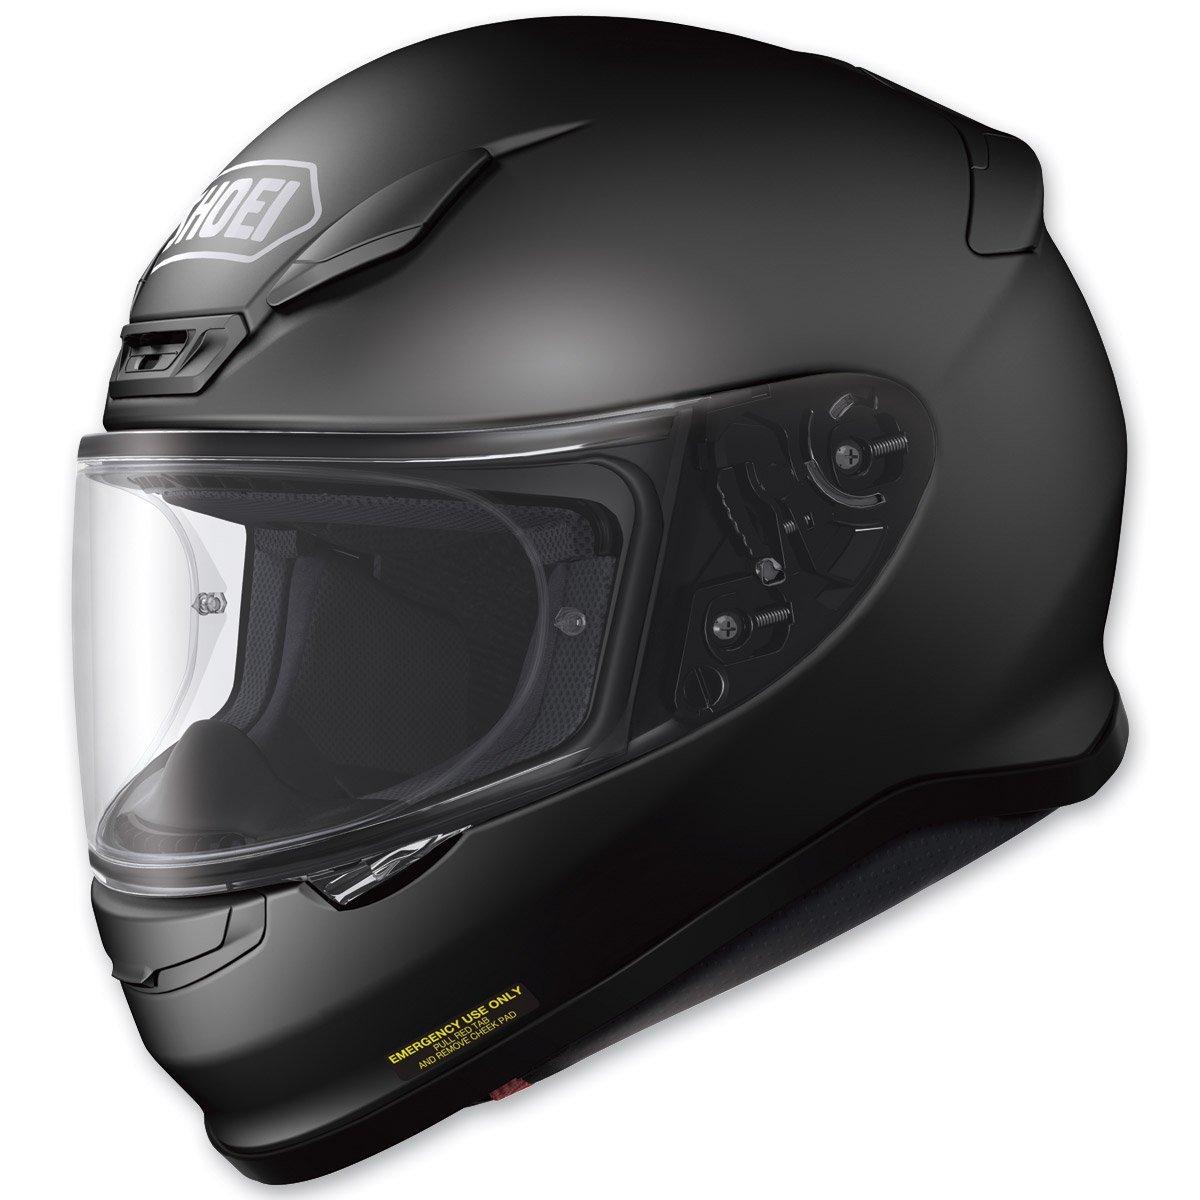 Shoei Men's Rf-1200 Full Face Motorcycle Helmet